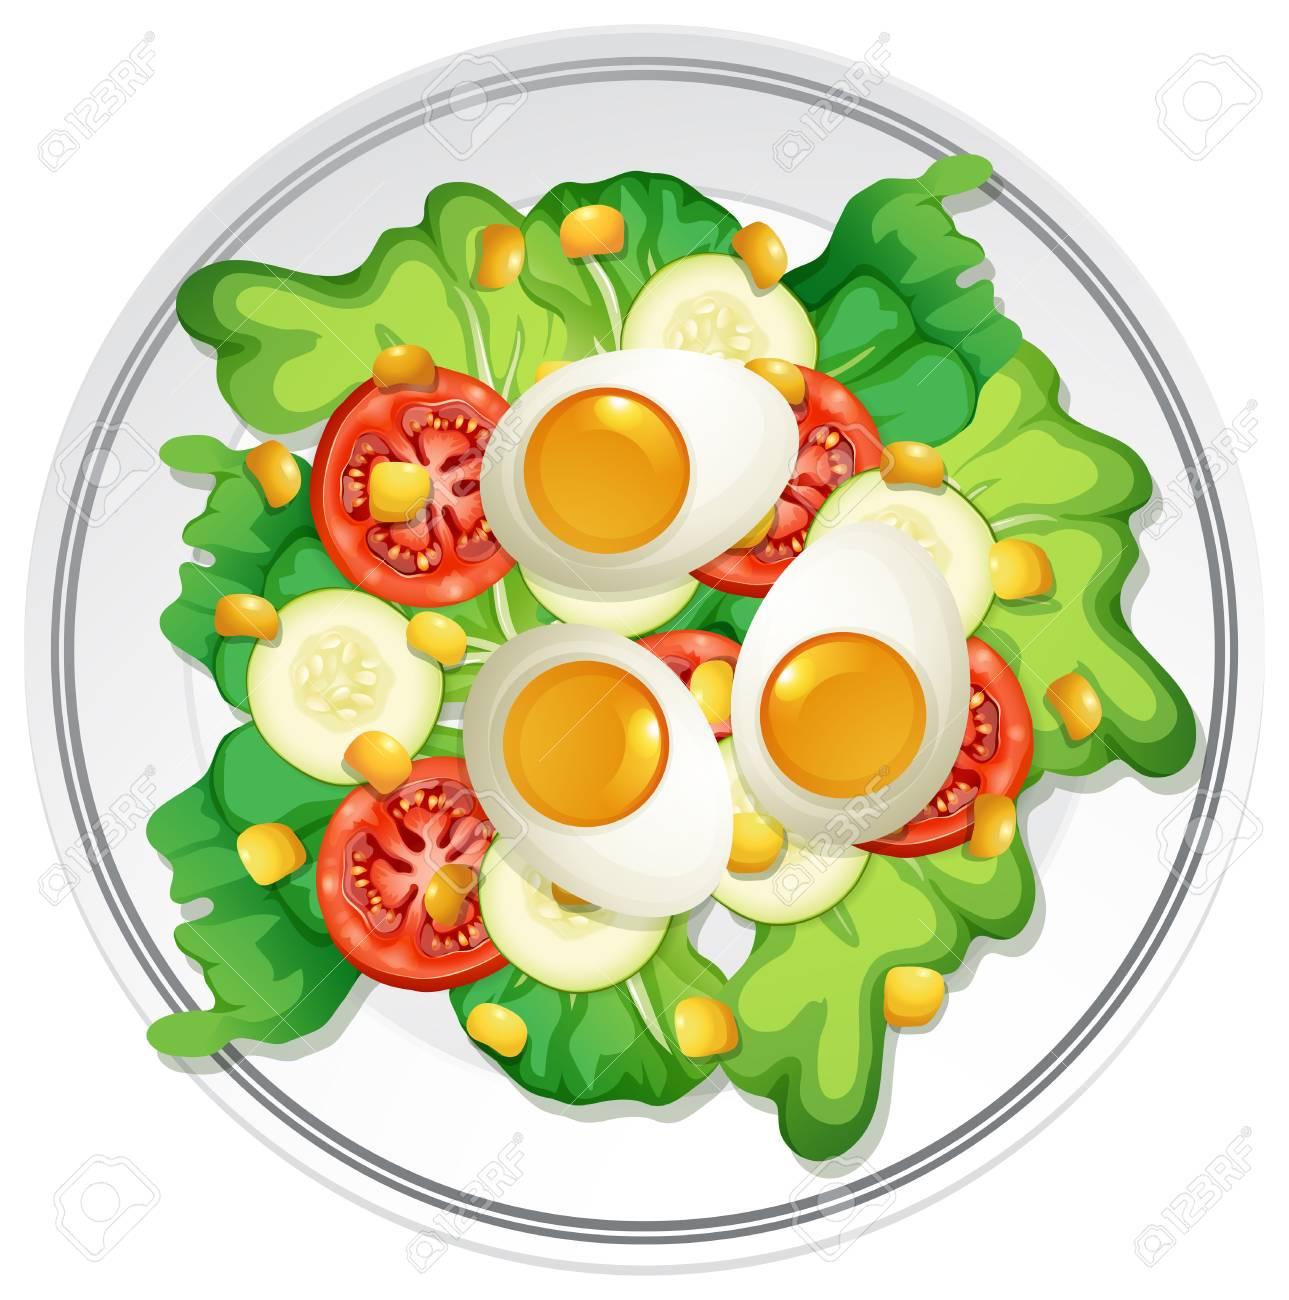 A Plate of Egg Salad illustration.